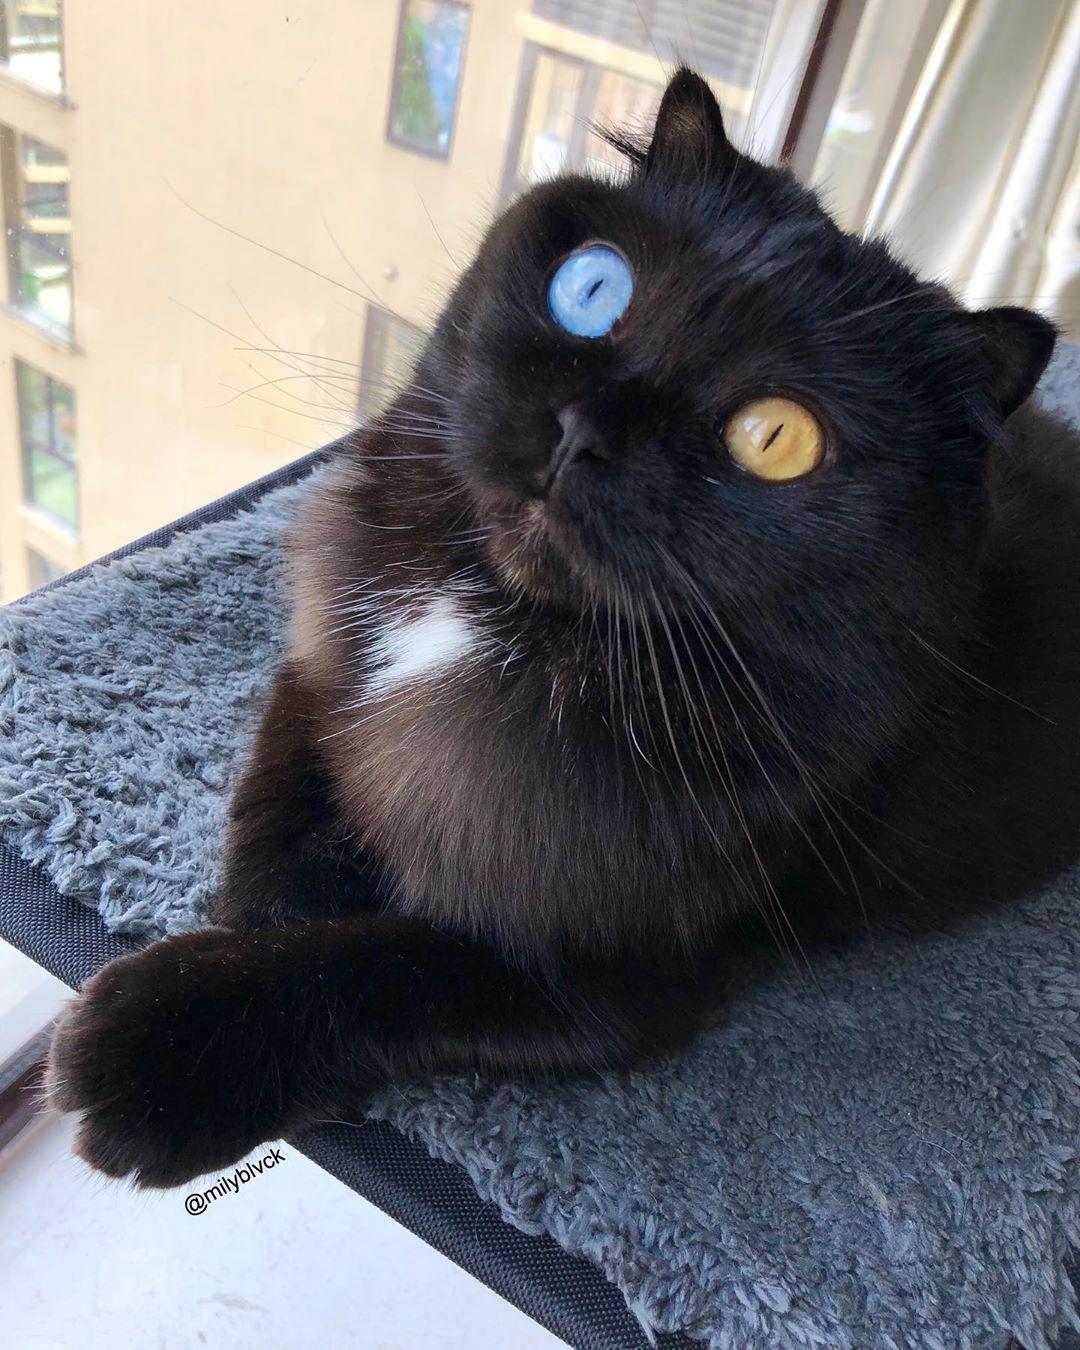 Human Embodiment Of Jazz Hands In 2020 Animal Stories Pet Kitten Black Cat